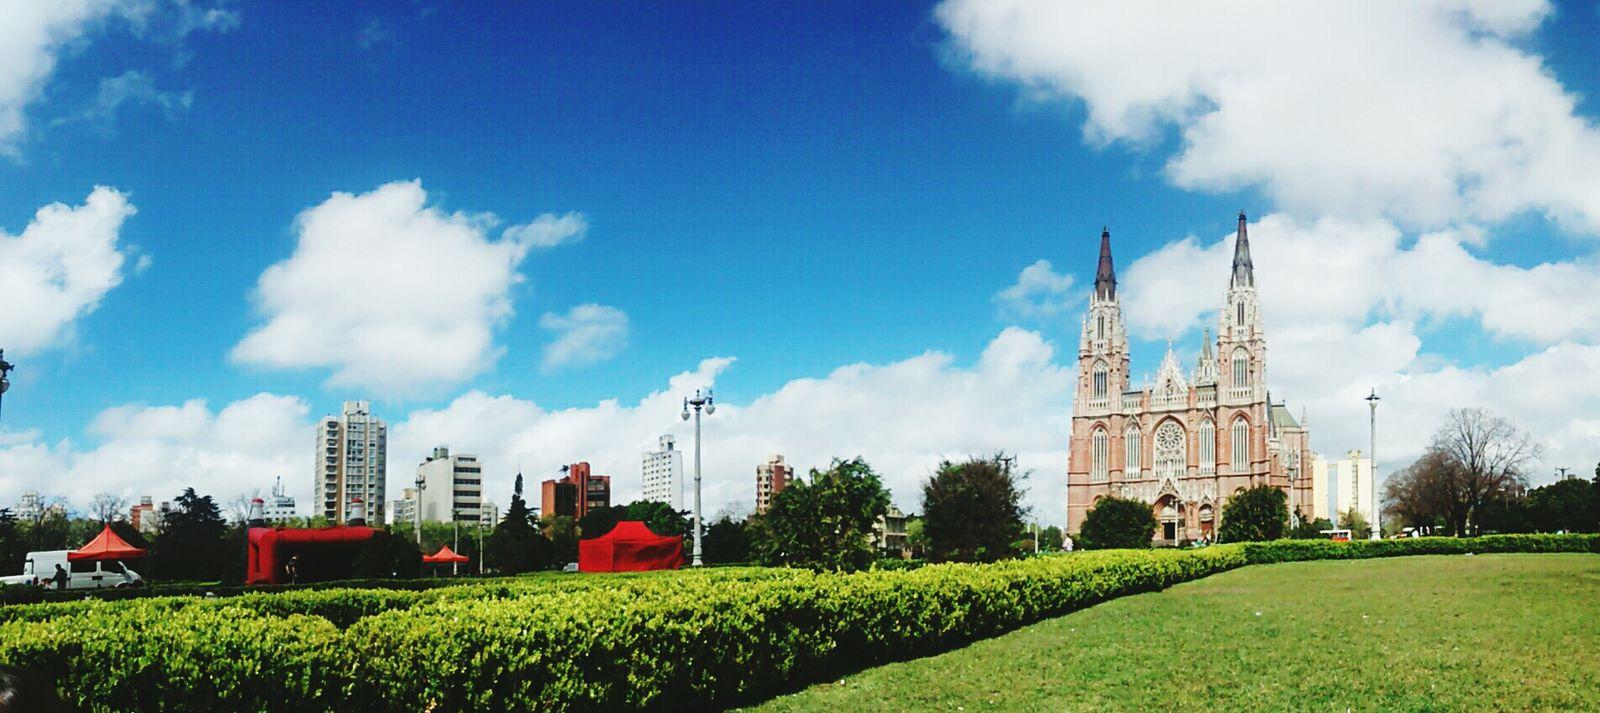 Discover Your City Plaza Moreno La Plata Catedral?